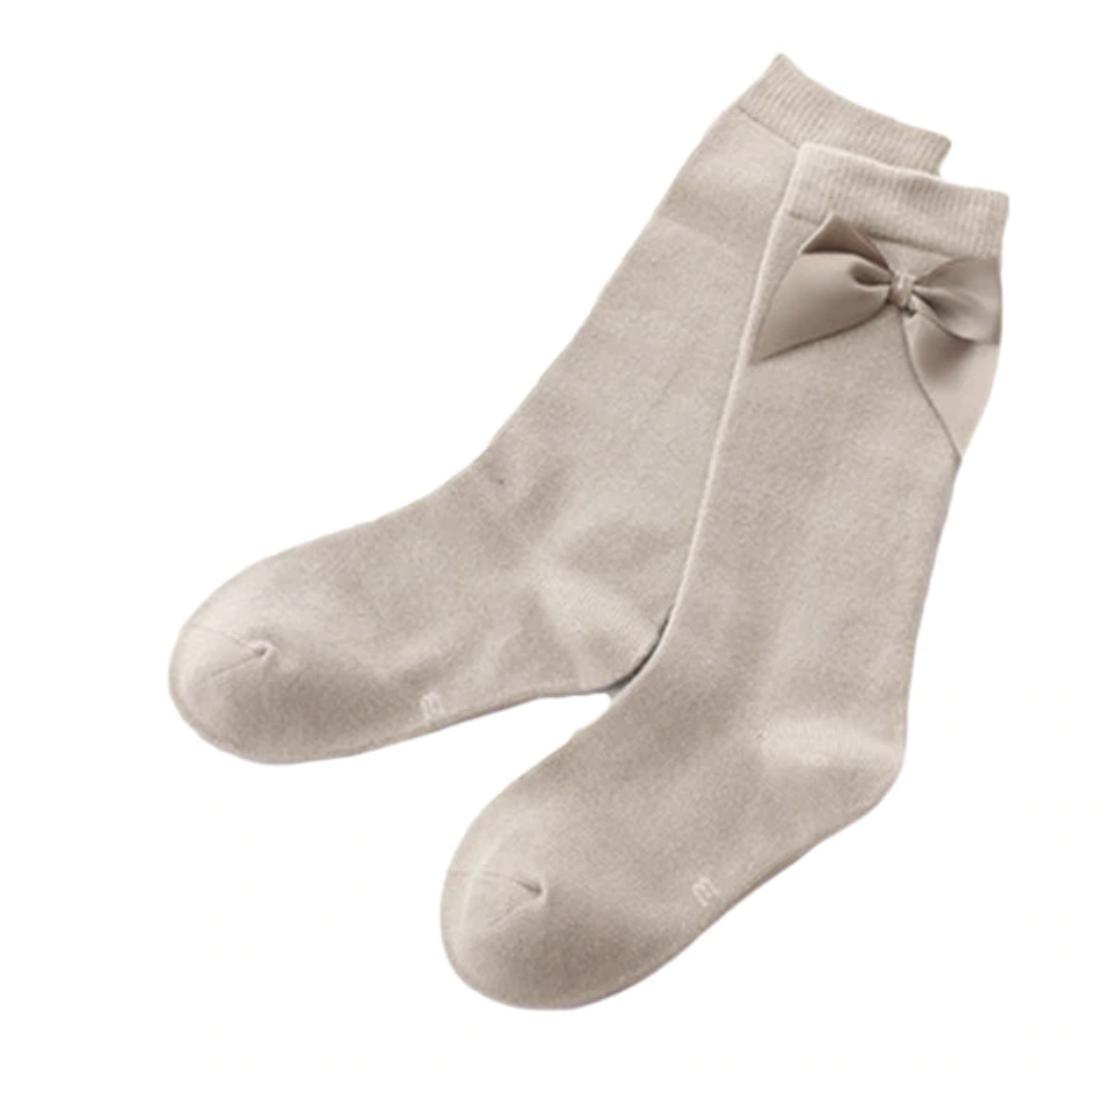 Calcetas Lisas con Moño Gris Raton